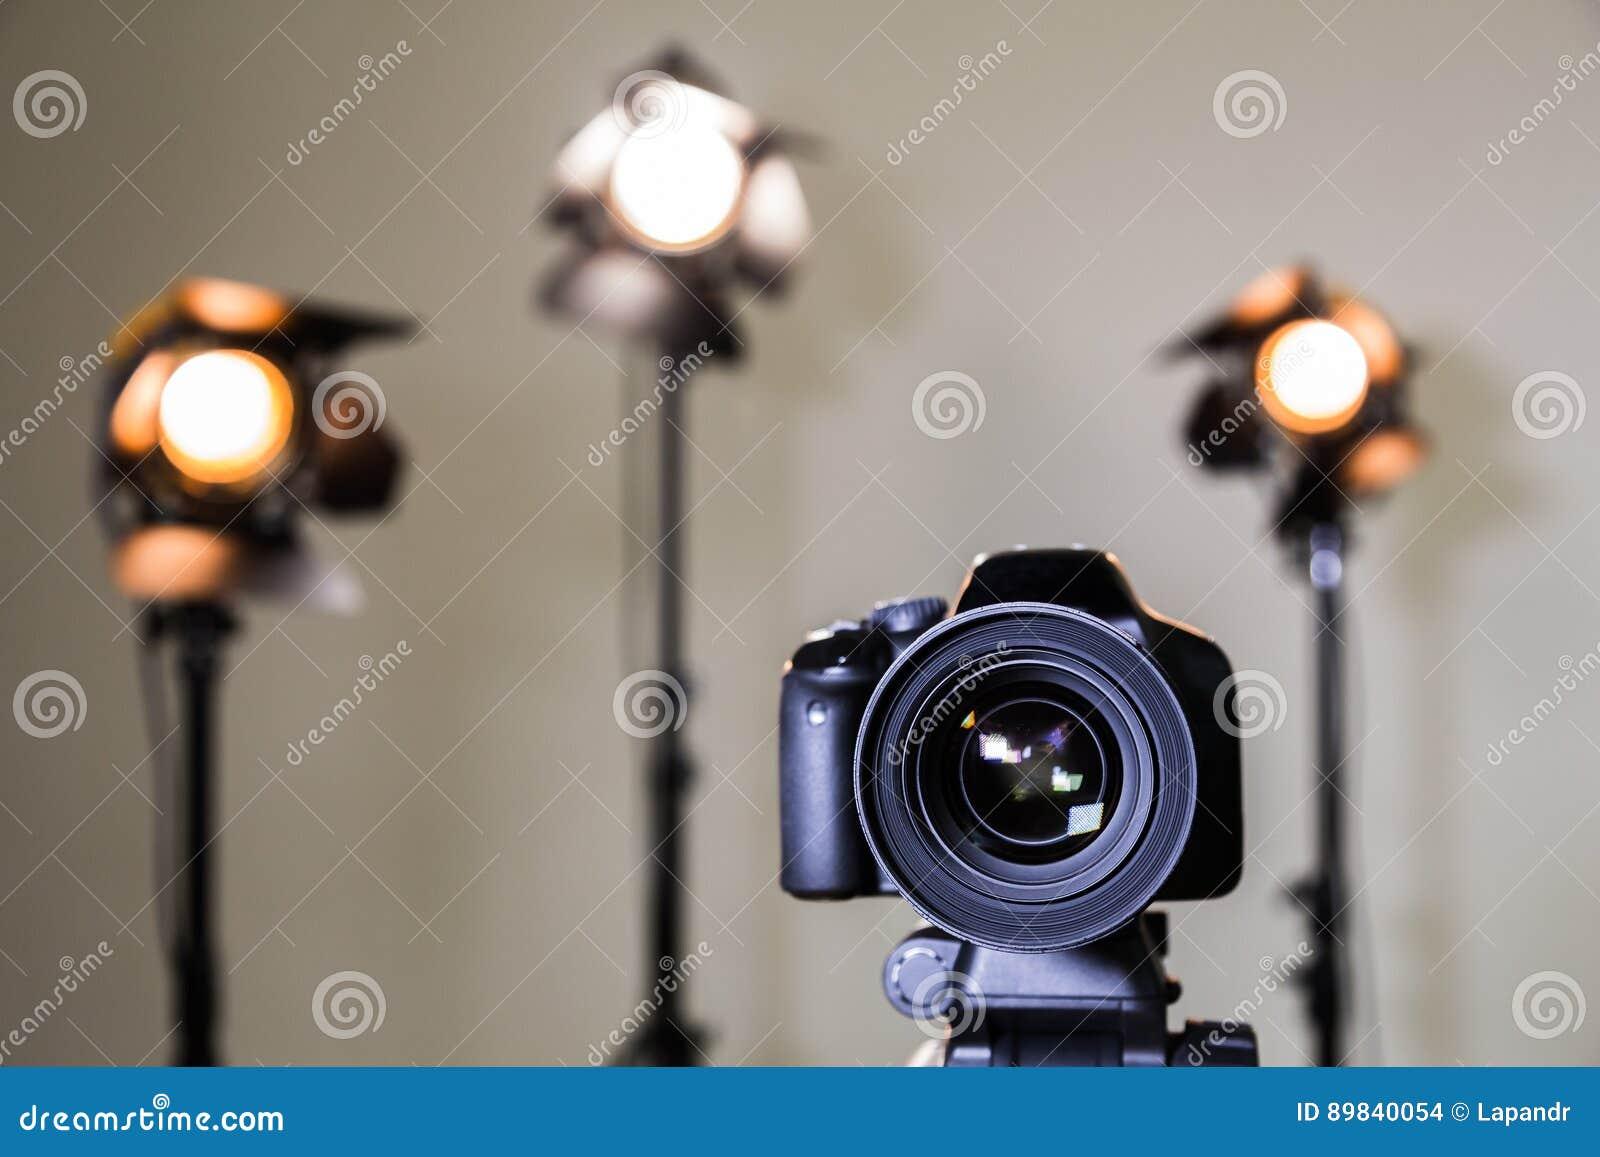 Ψηφιακή κάμερα SLR και τρία επίκεντρα με τους φακούς Fresnel Χειρωνακτικός ανταλλάξιμος φακός για τη μαγνητοσκόπηση